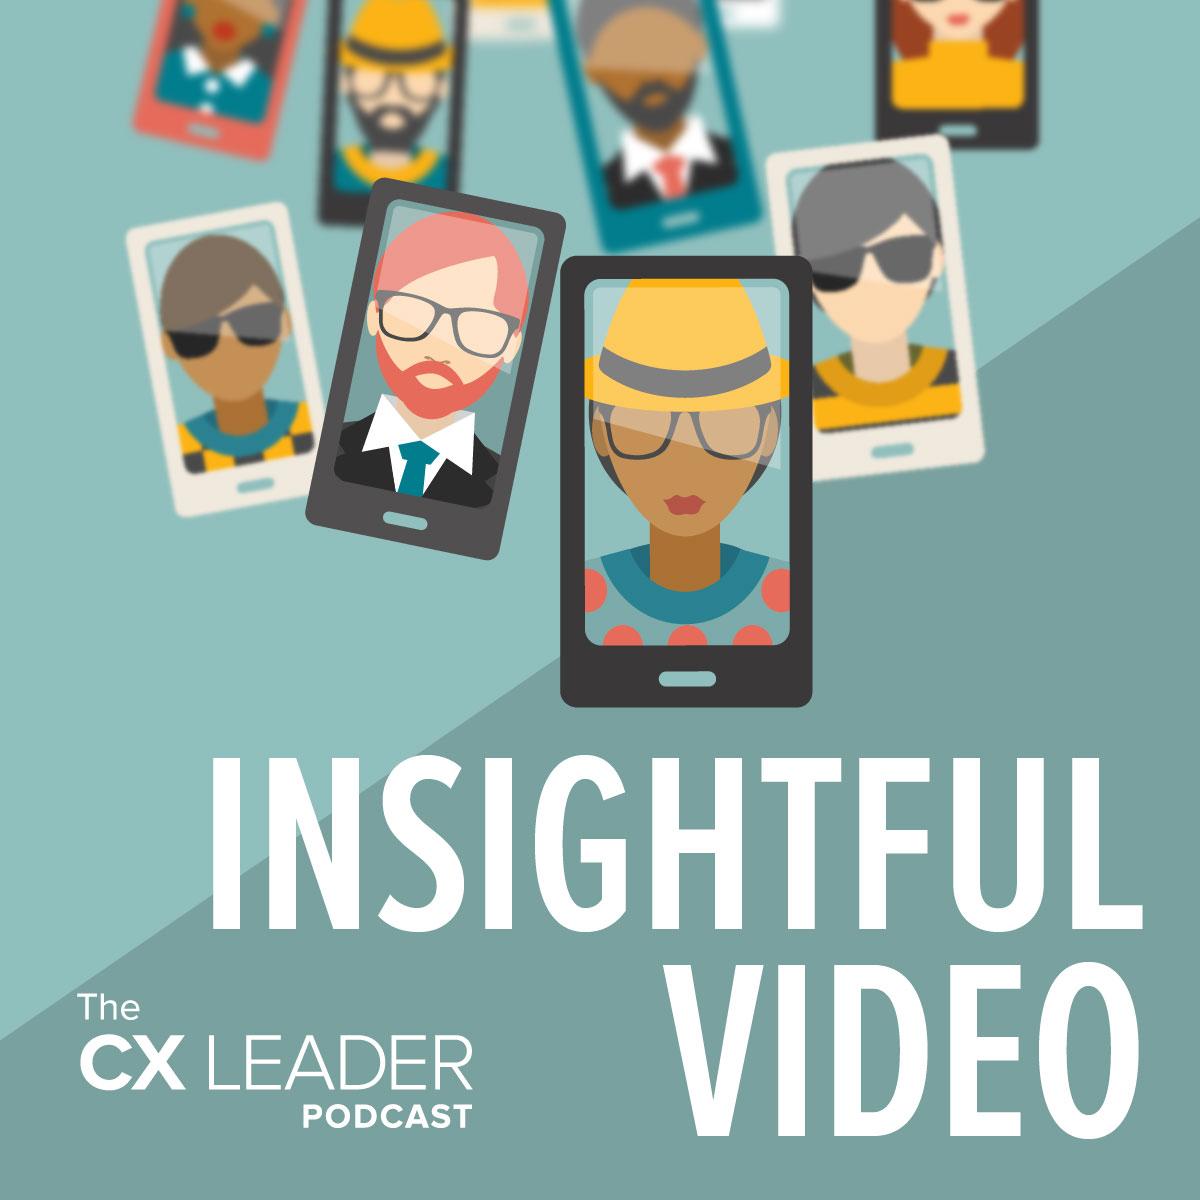 Insightful Video